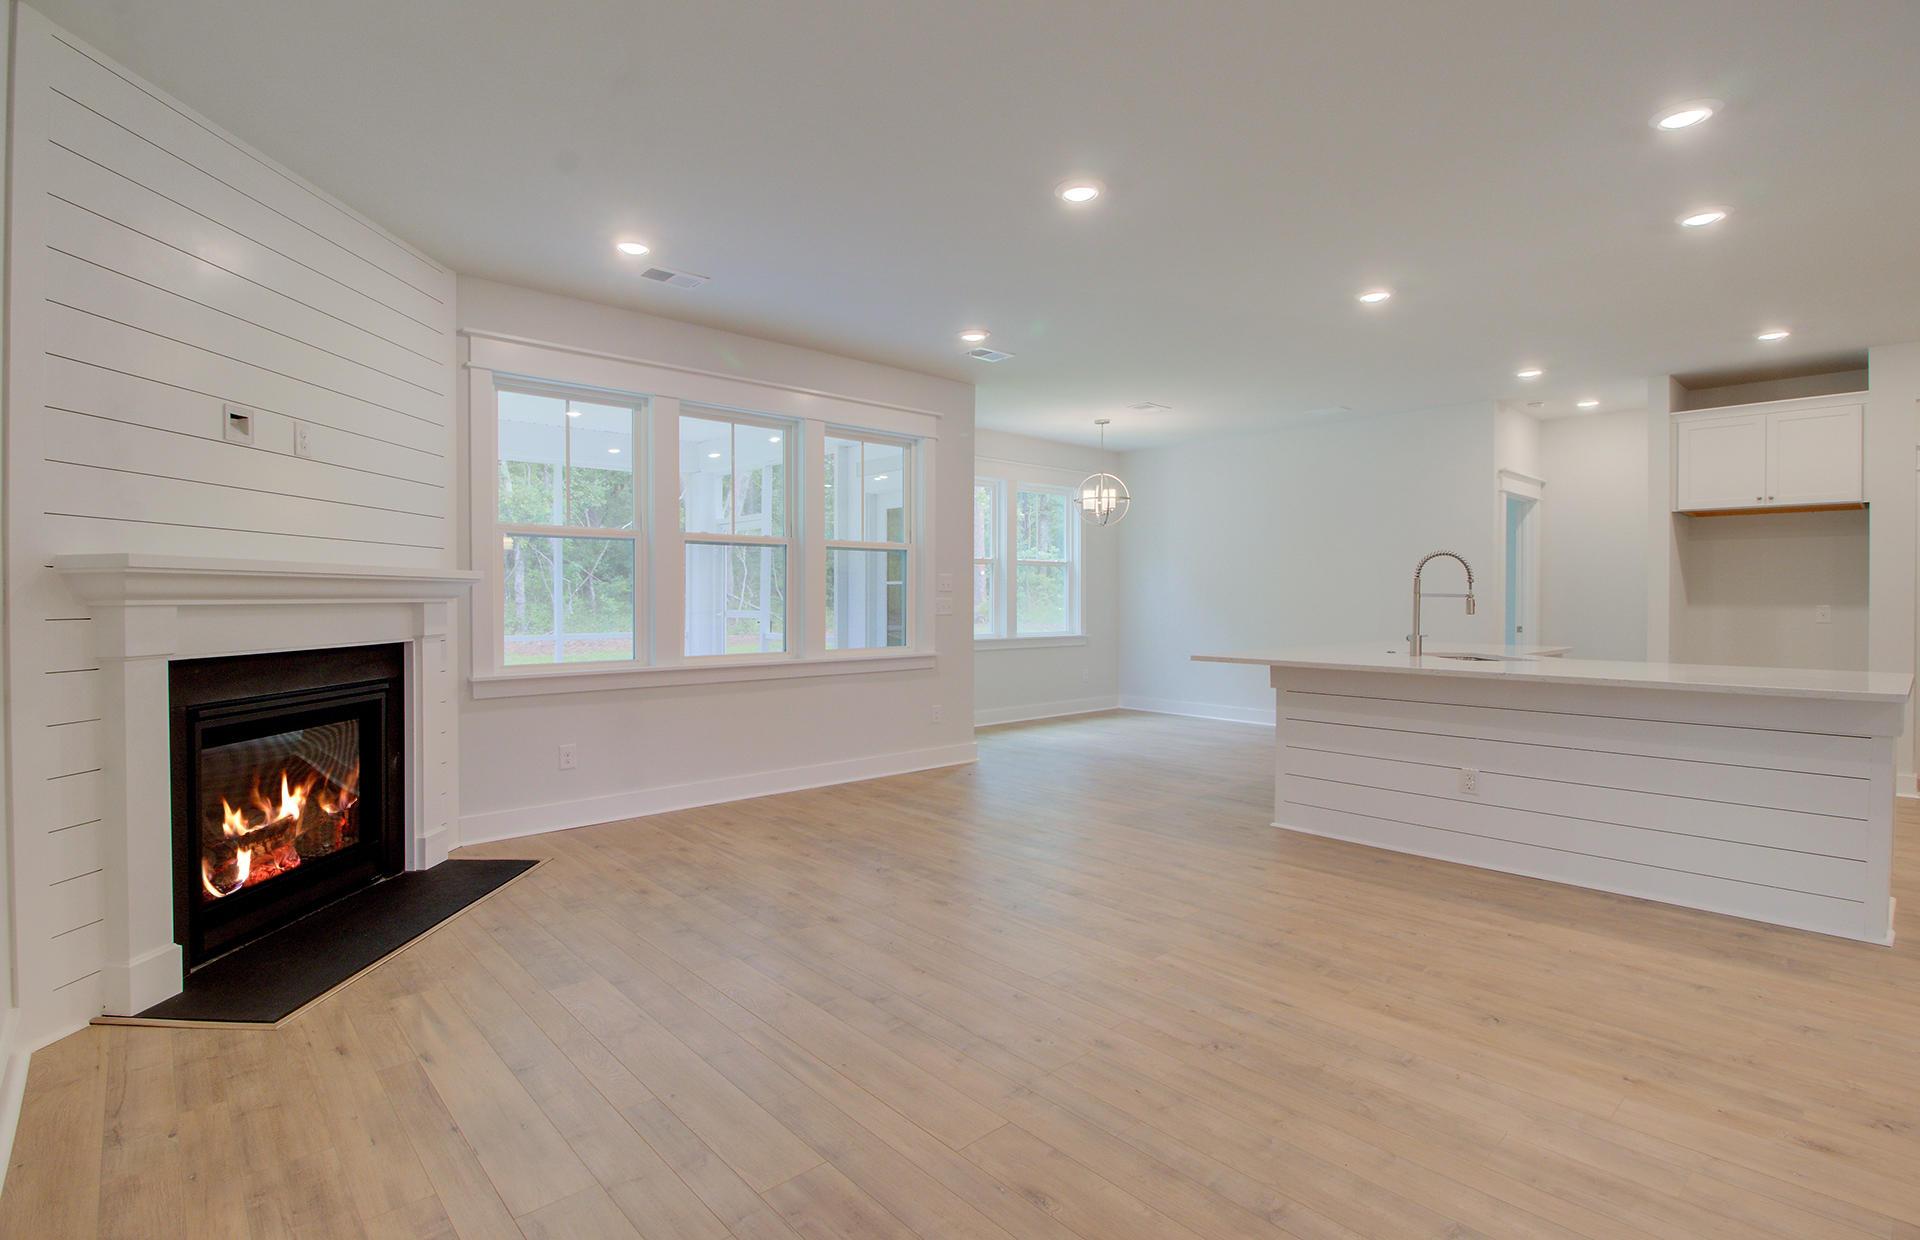 Park West Homes For Sale - 3013 Caspian, Mount Pleasant, SC - 41